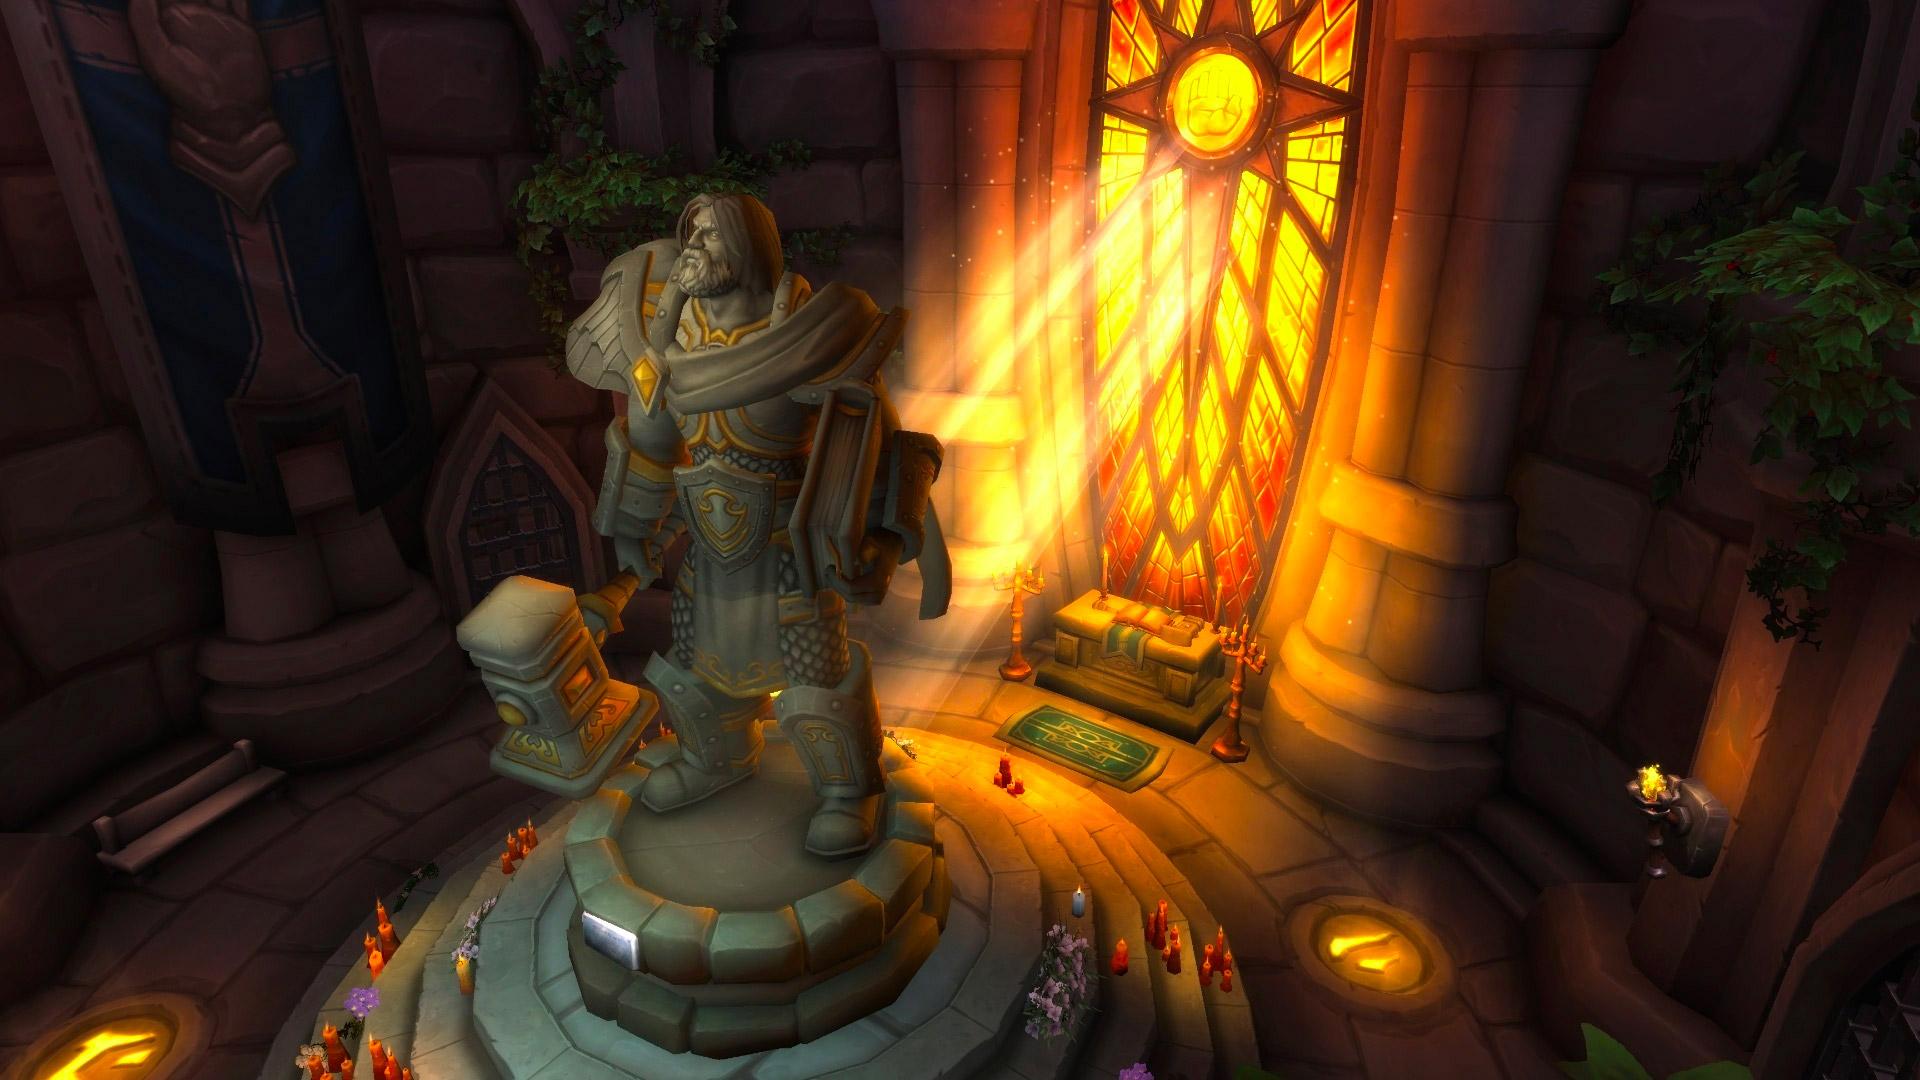 Le tombeau d'Uther a été entièrement mis à jour